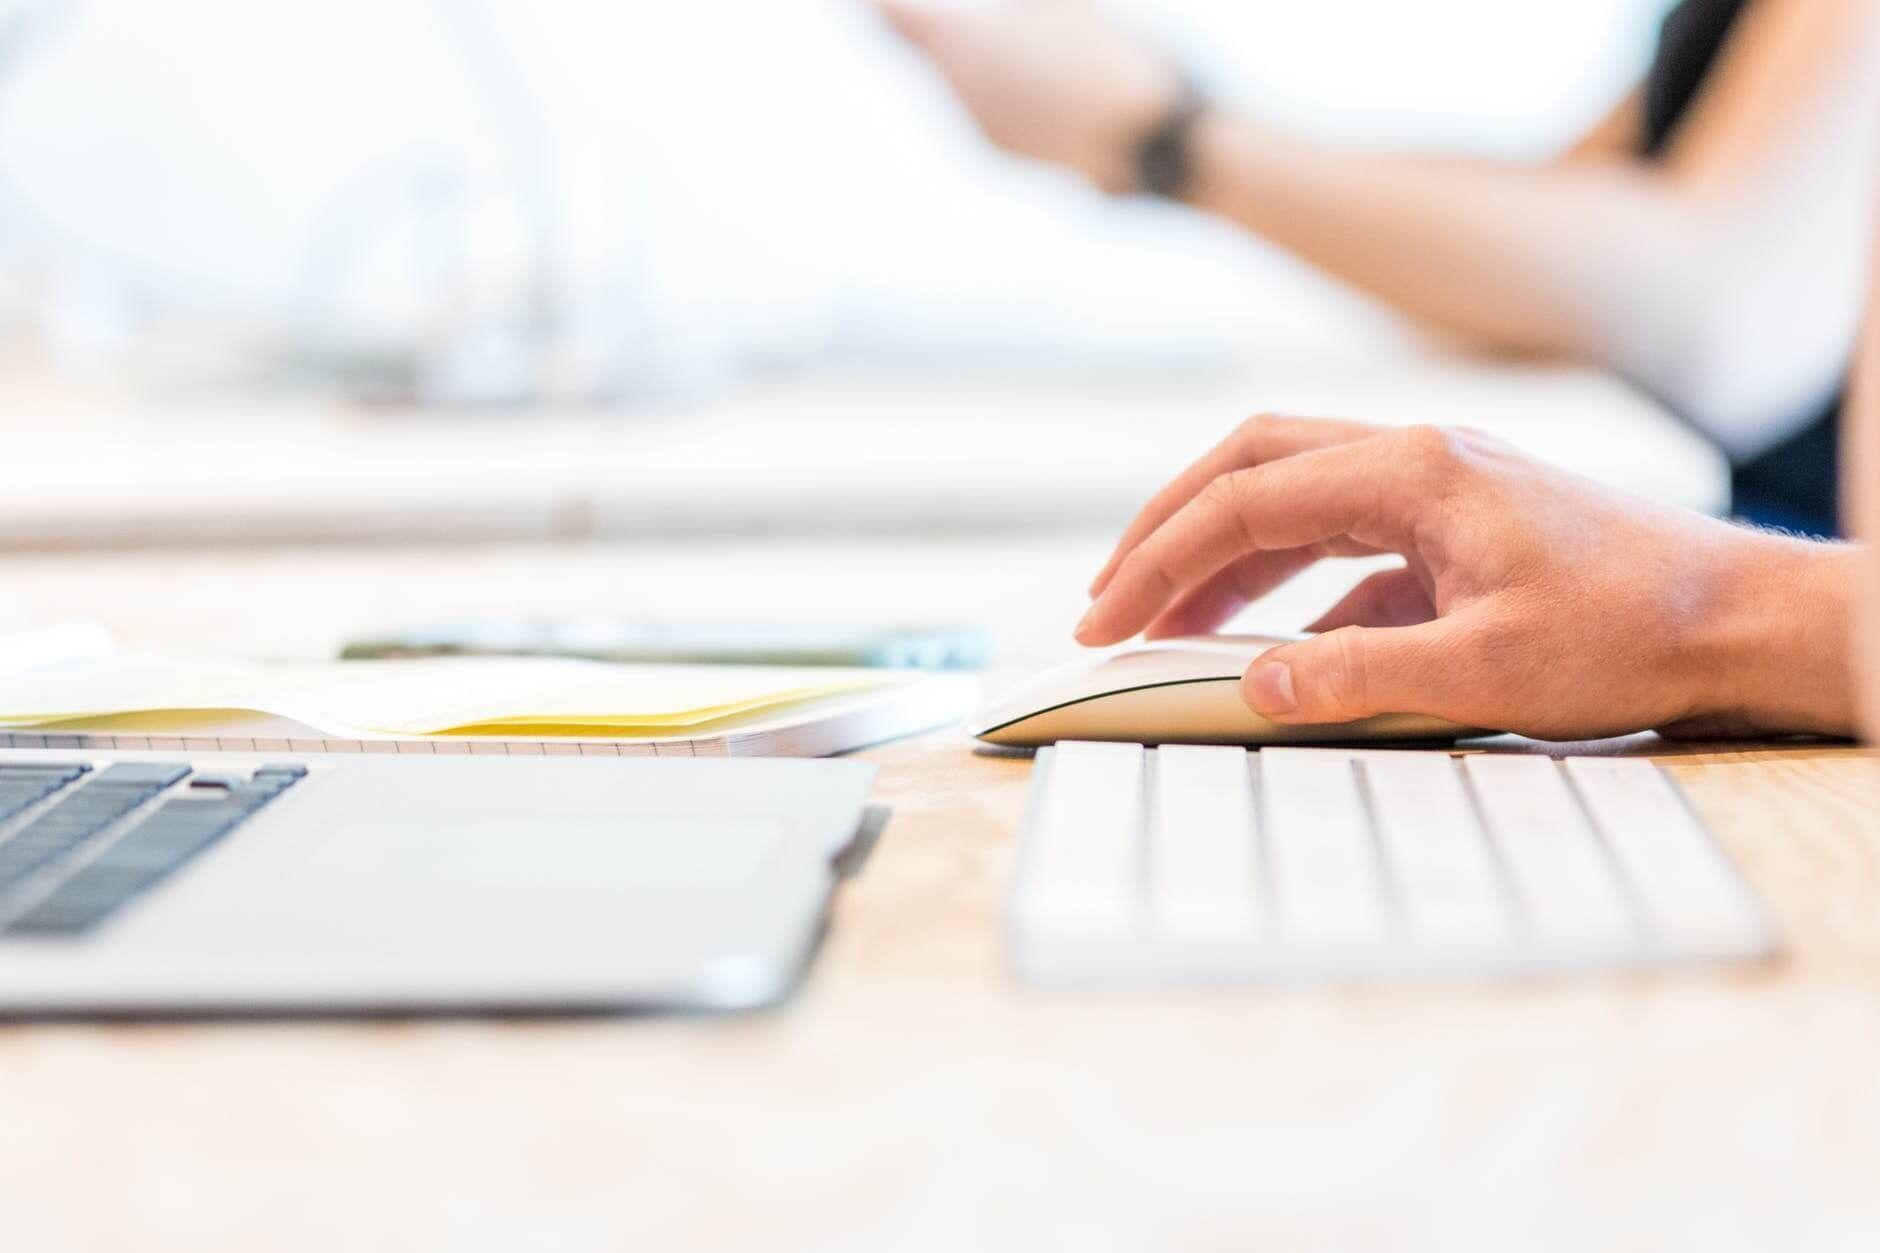 Redtrust garantiza la seguridad y movilidad de los certificados digitales durante el teletrabajo